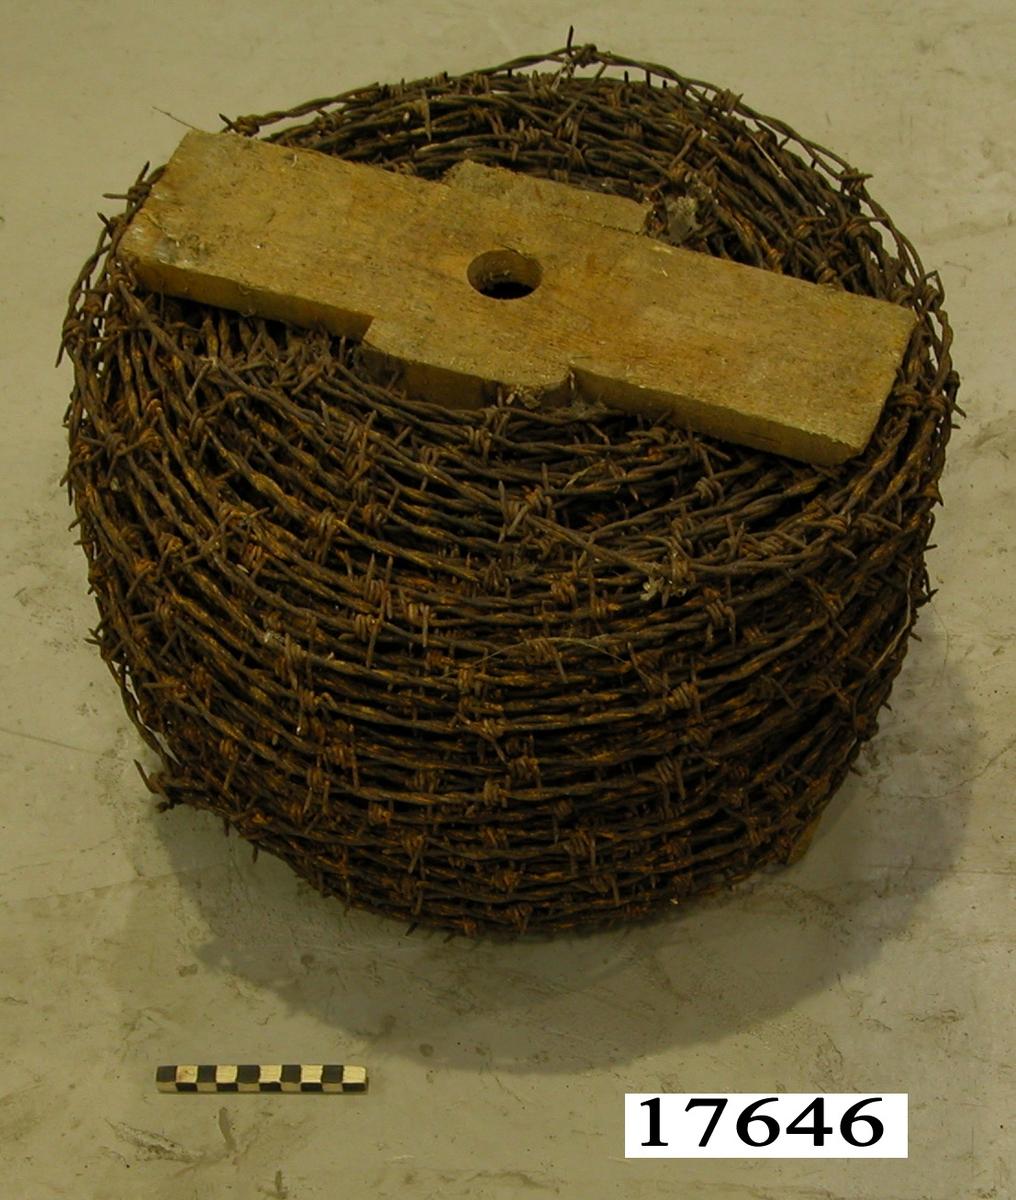 Taggtråd upprullad på trätrissa vars tvärslåar är försedda med hål, så att trissan kan sättas på en pinne. Över 20 meter taggtråd.